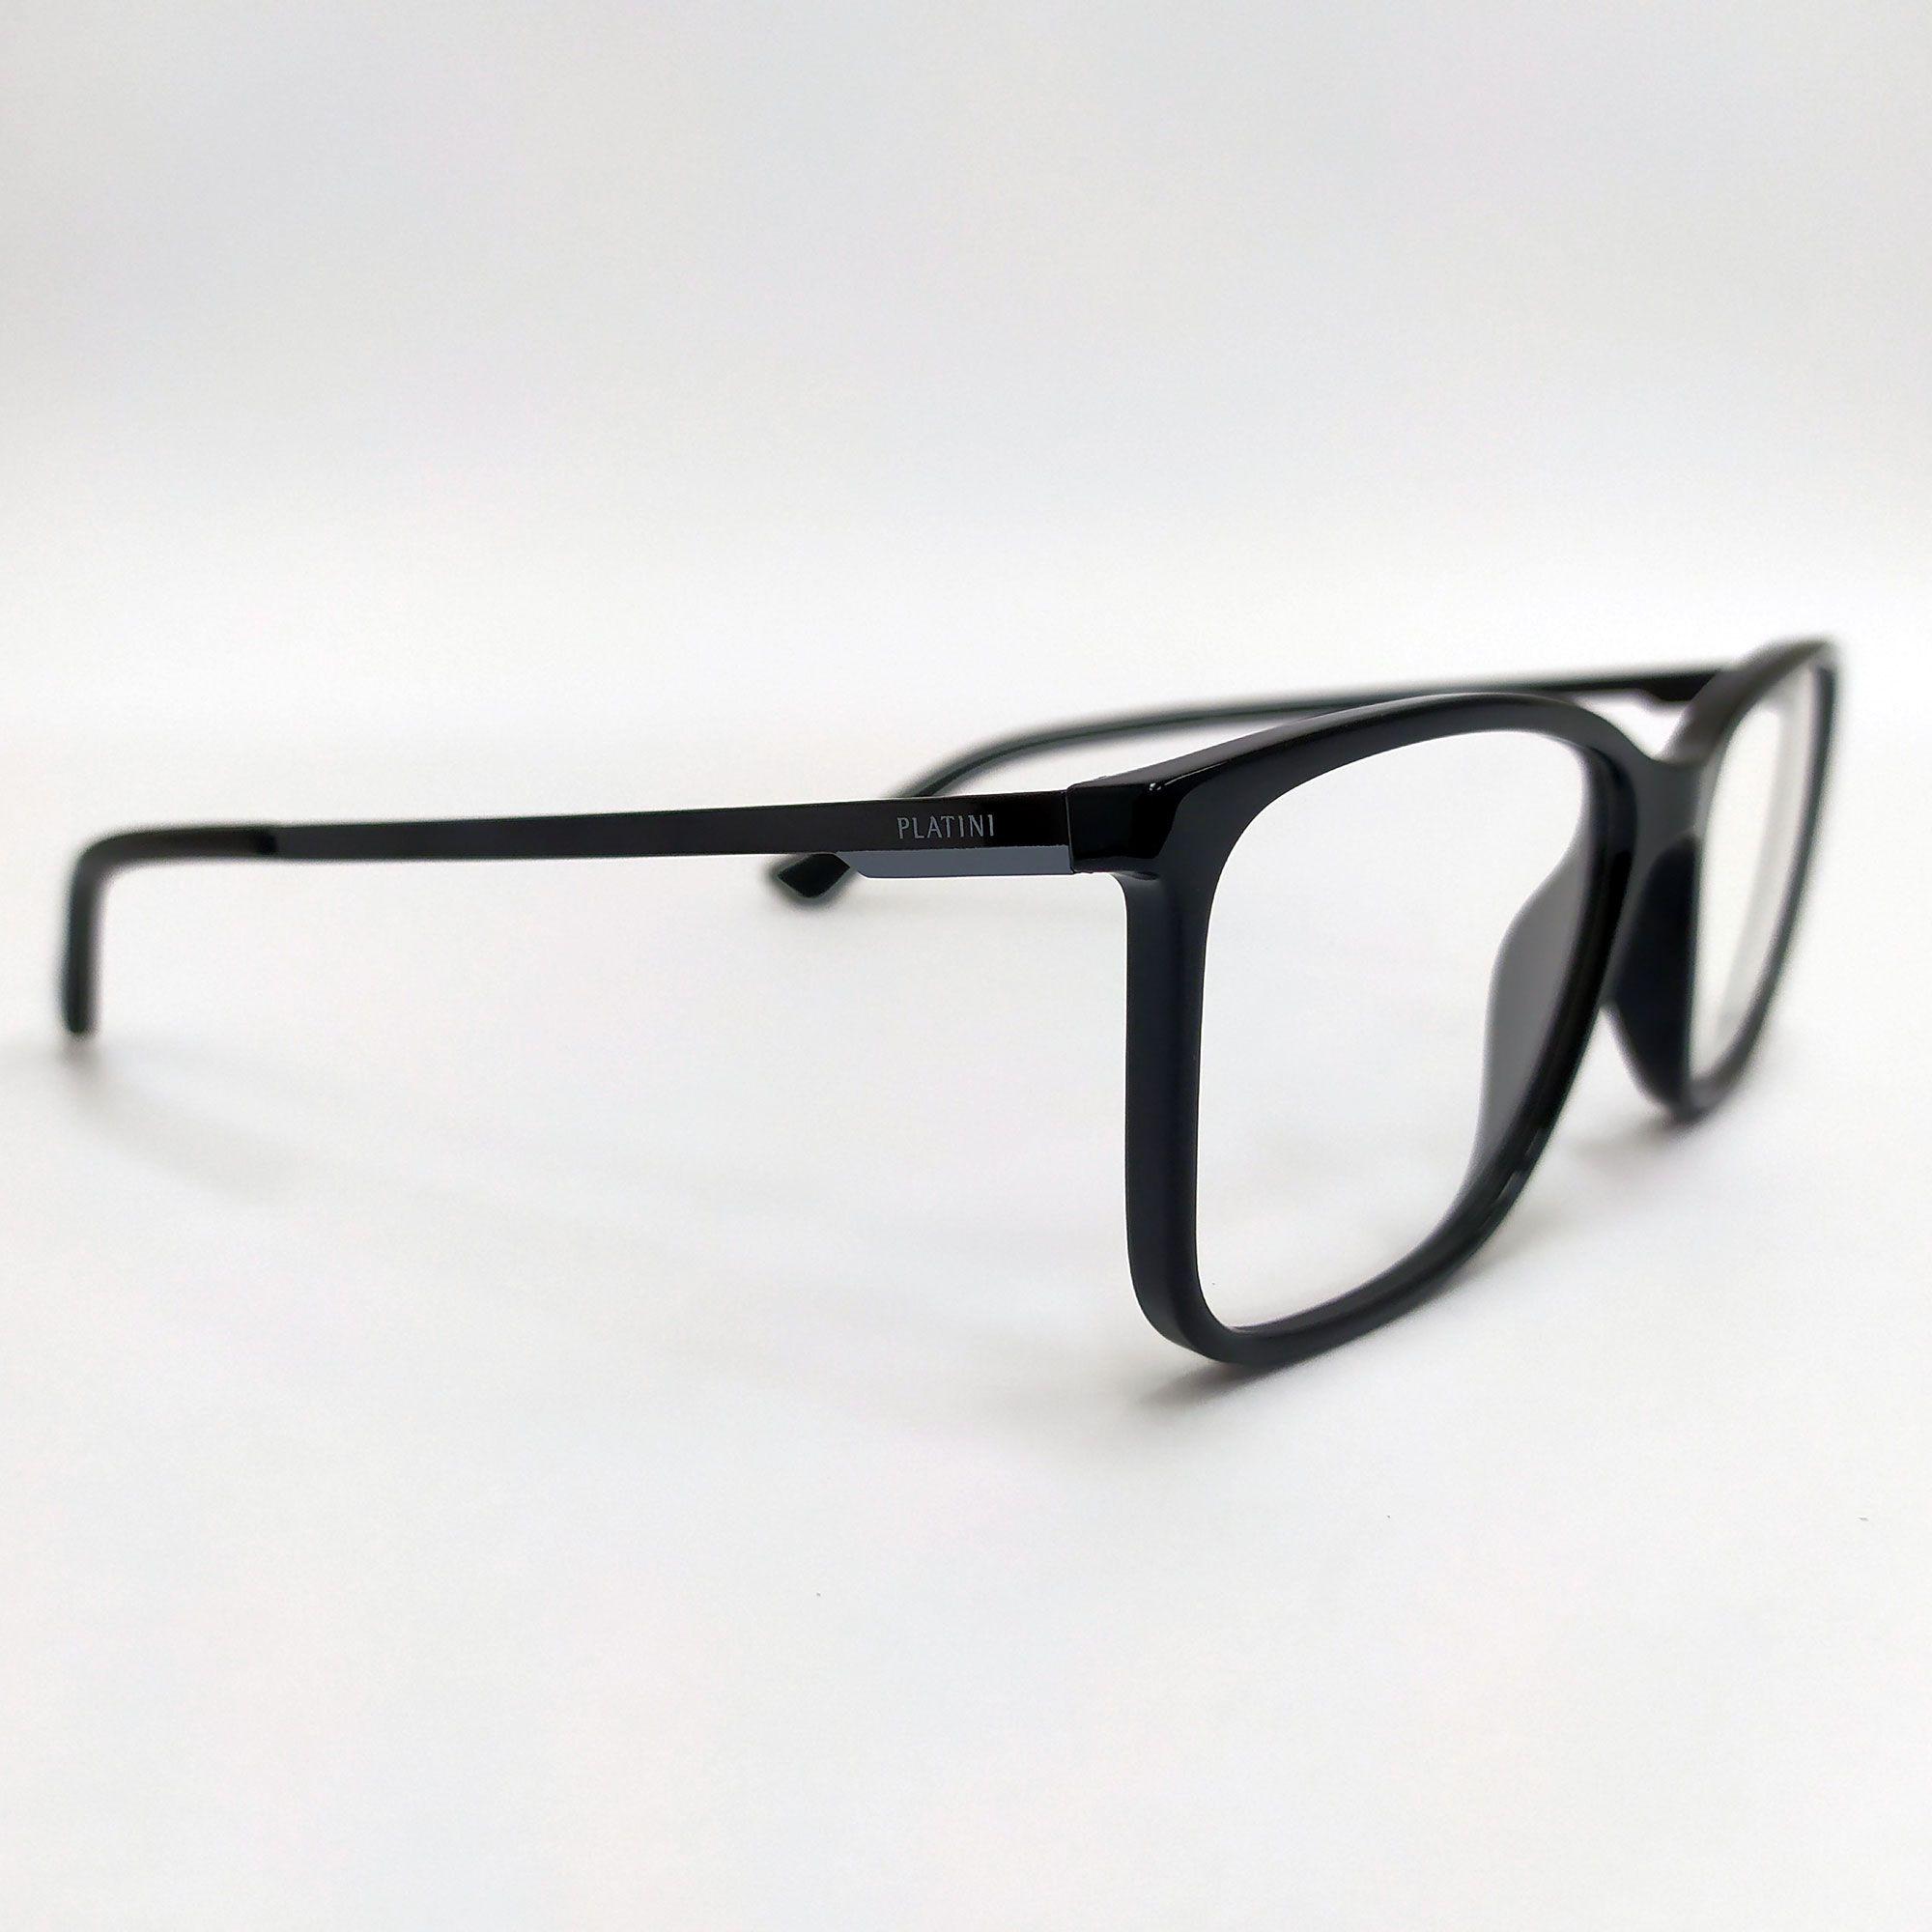 Óculos de Grau Platini Preto P9 3149 G146